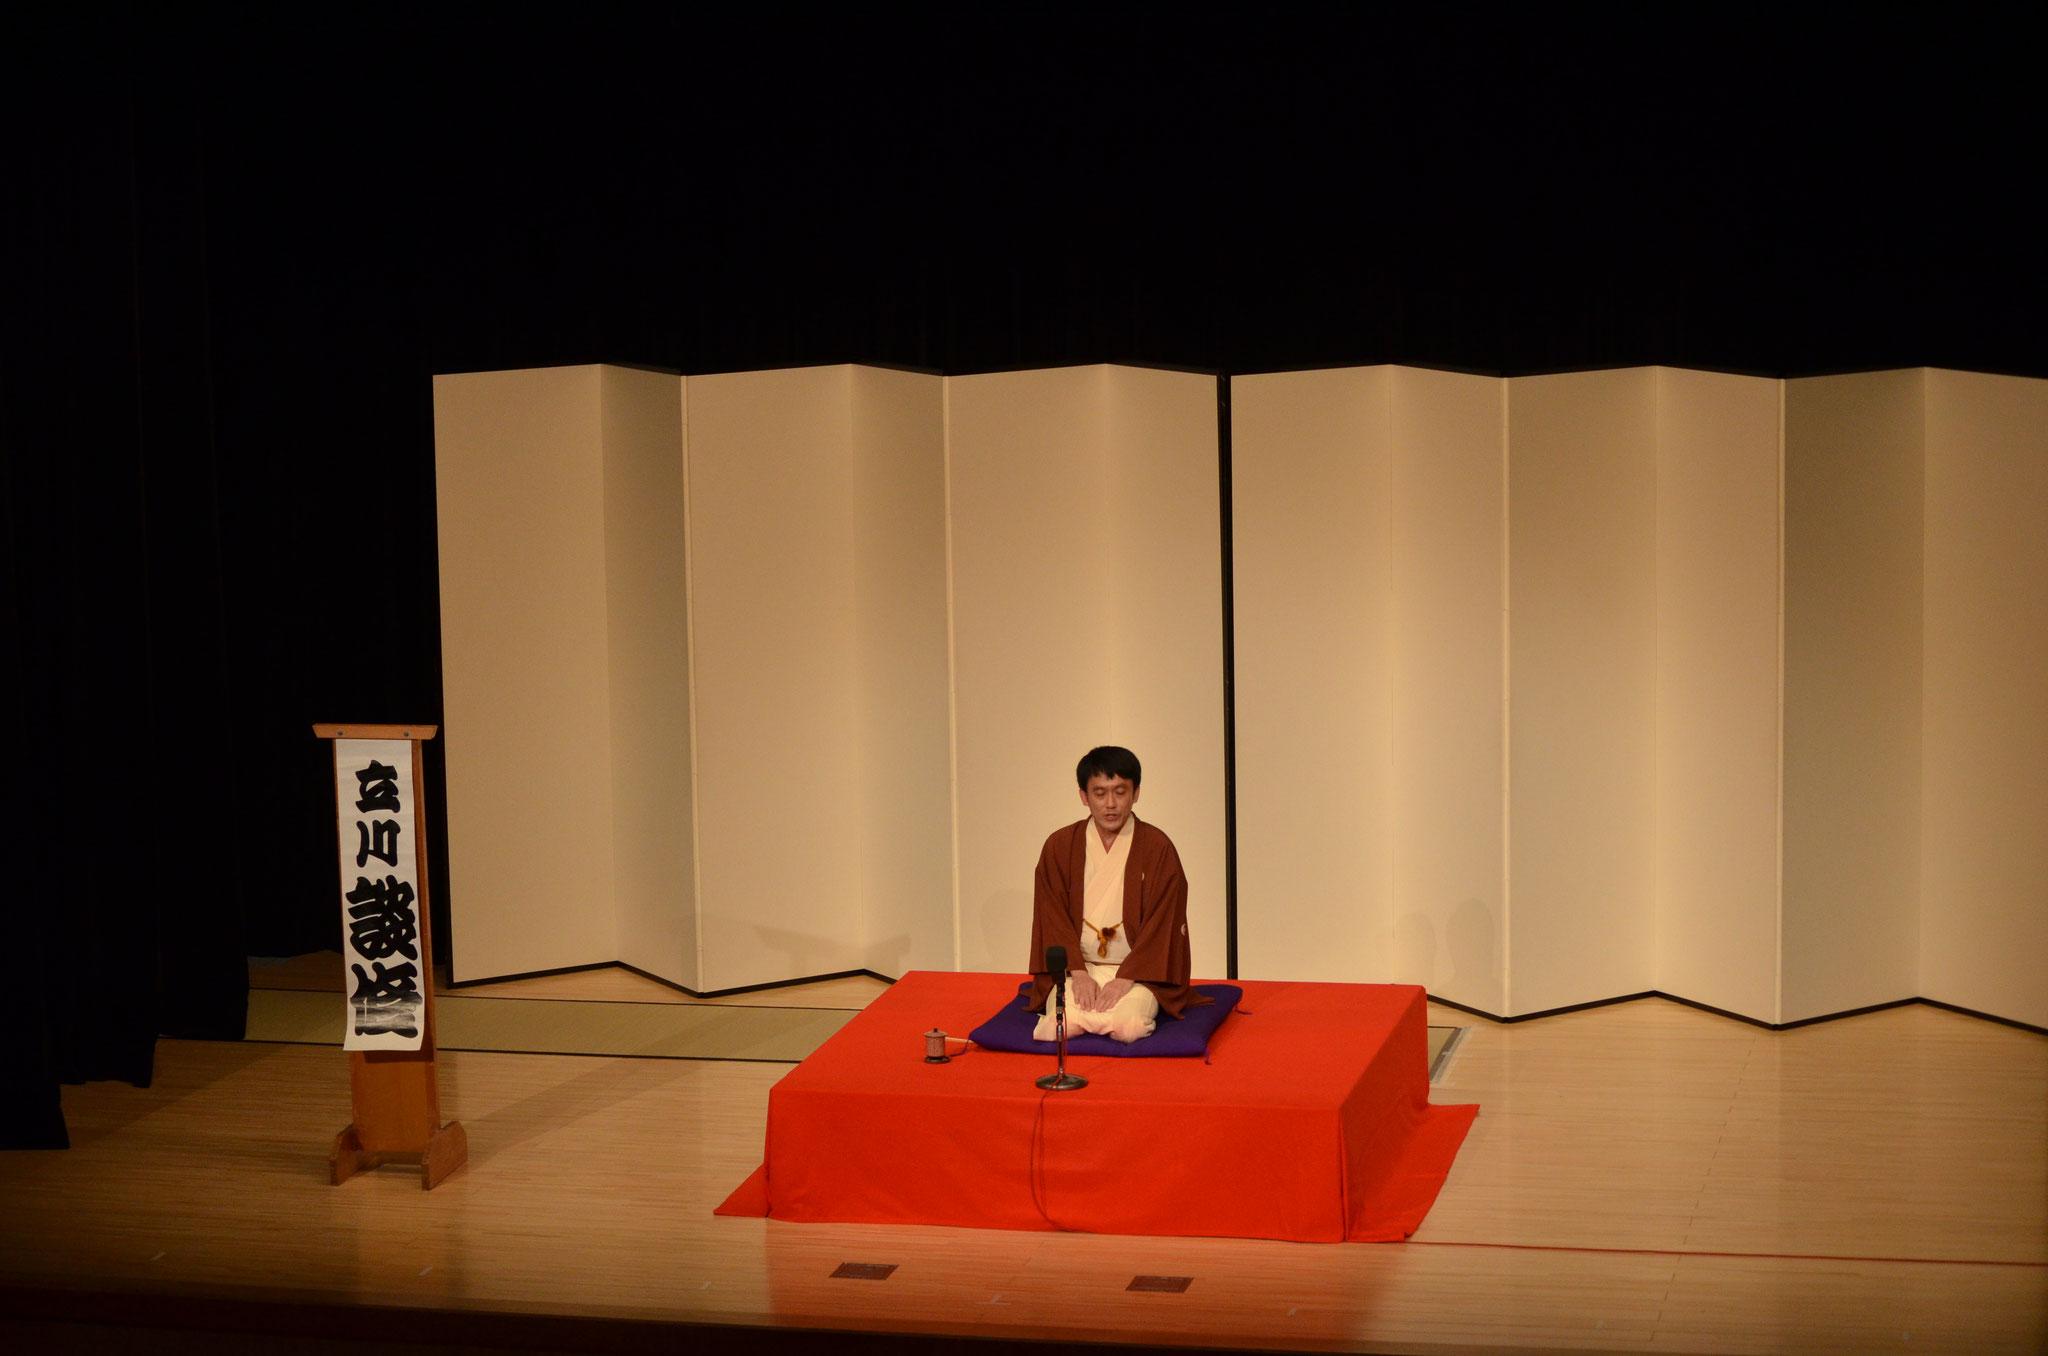 於:日本橋社会教育会館